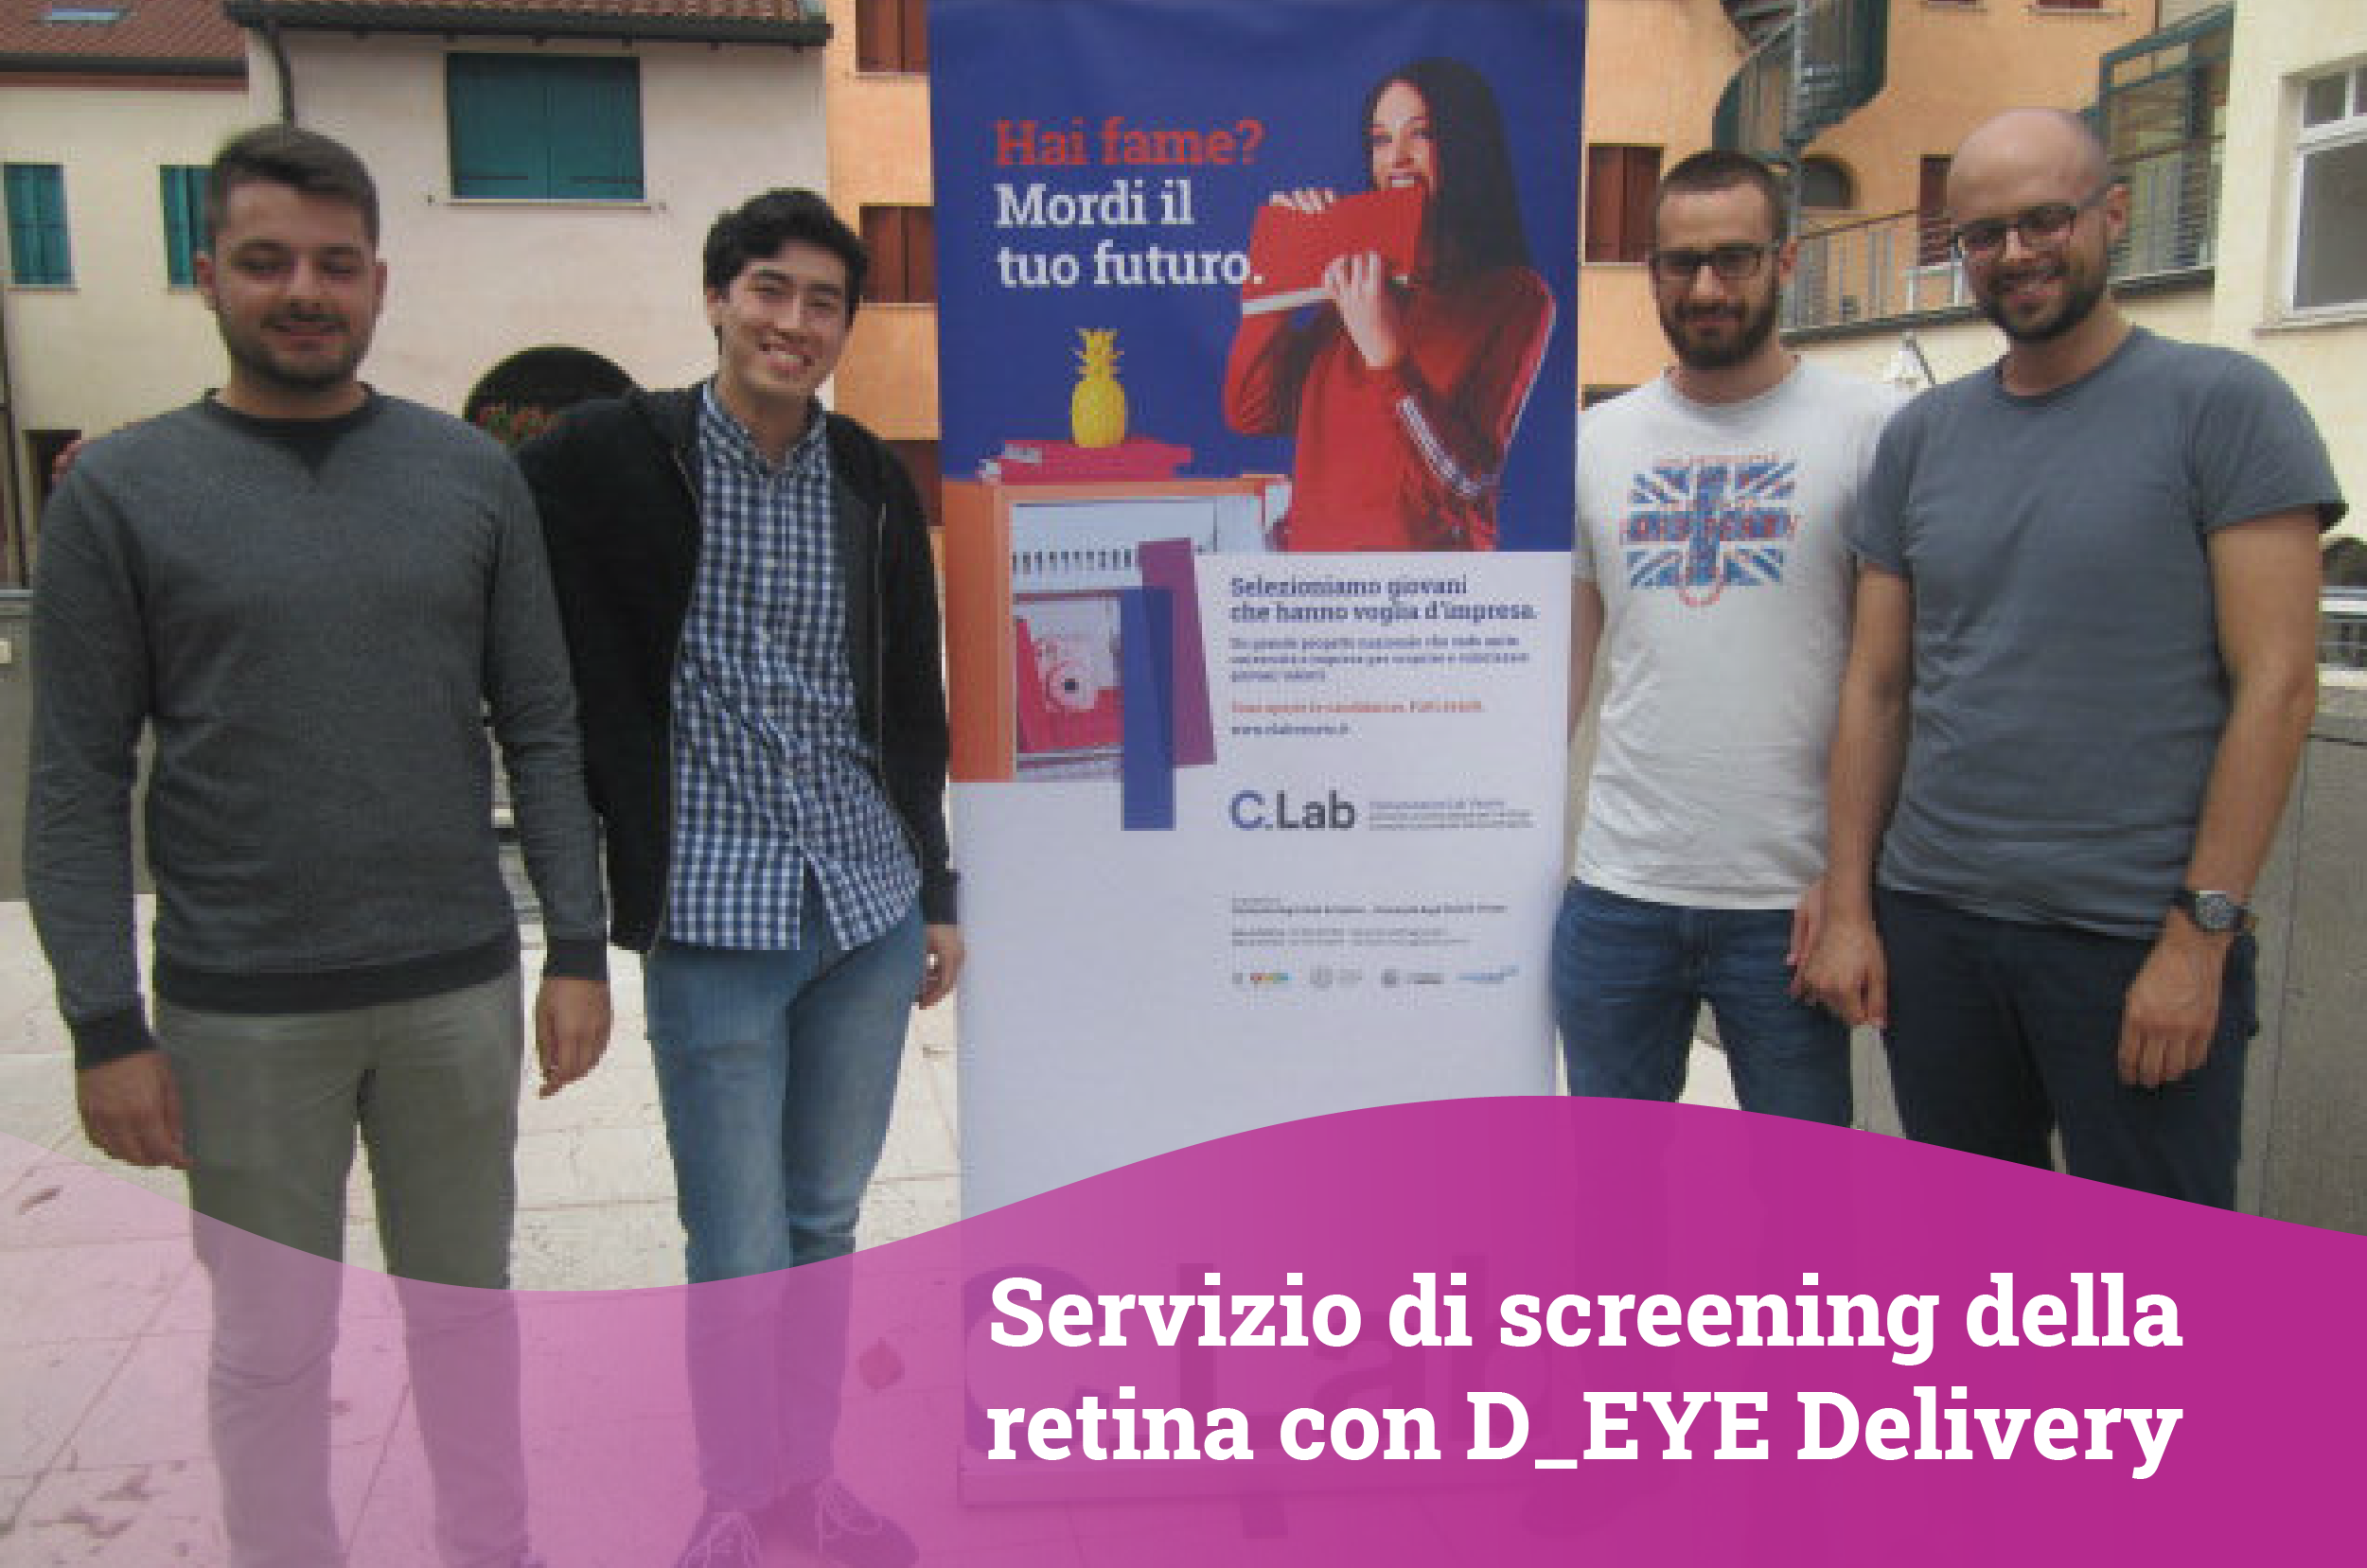 Servizio di screening della retina con il dispositivo D-EYE